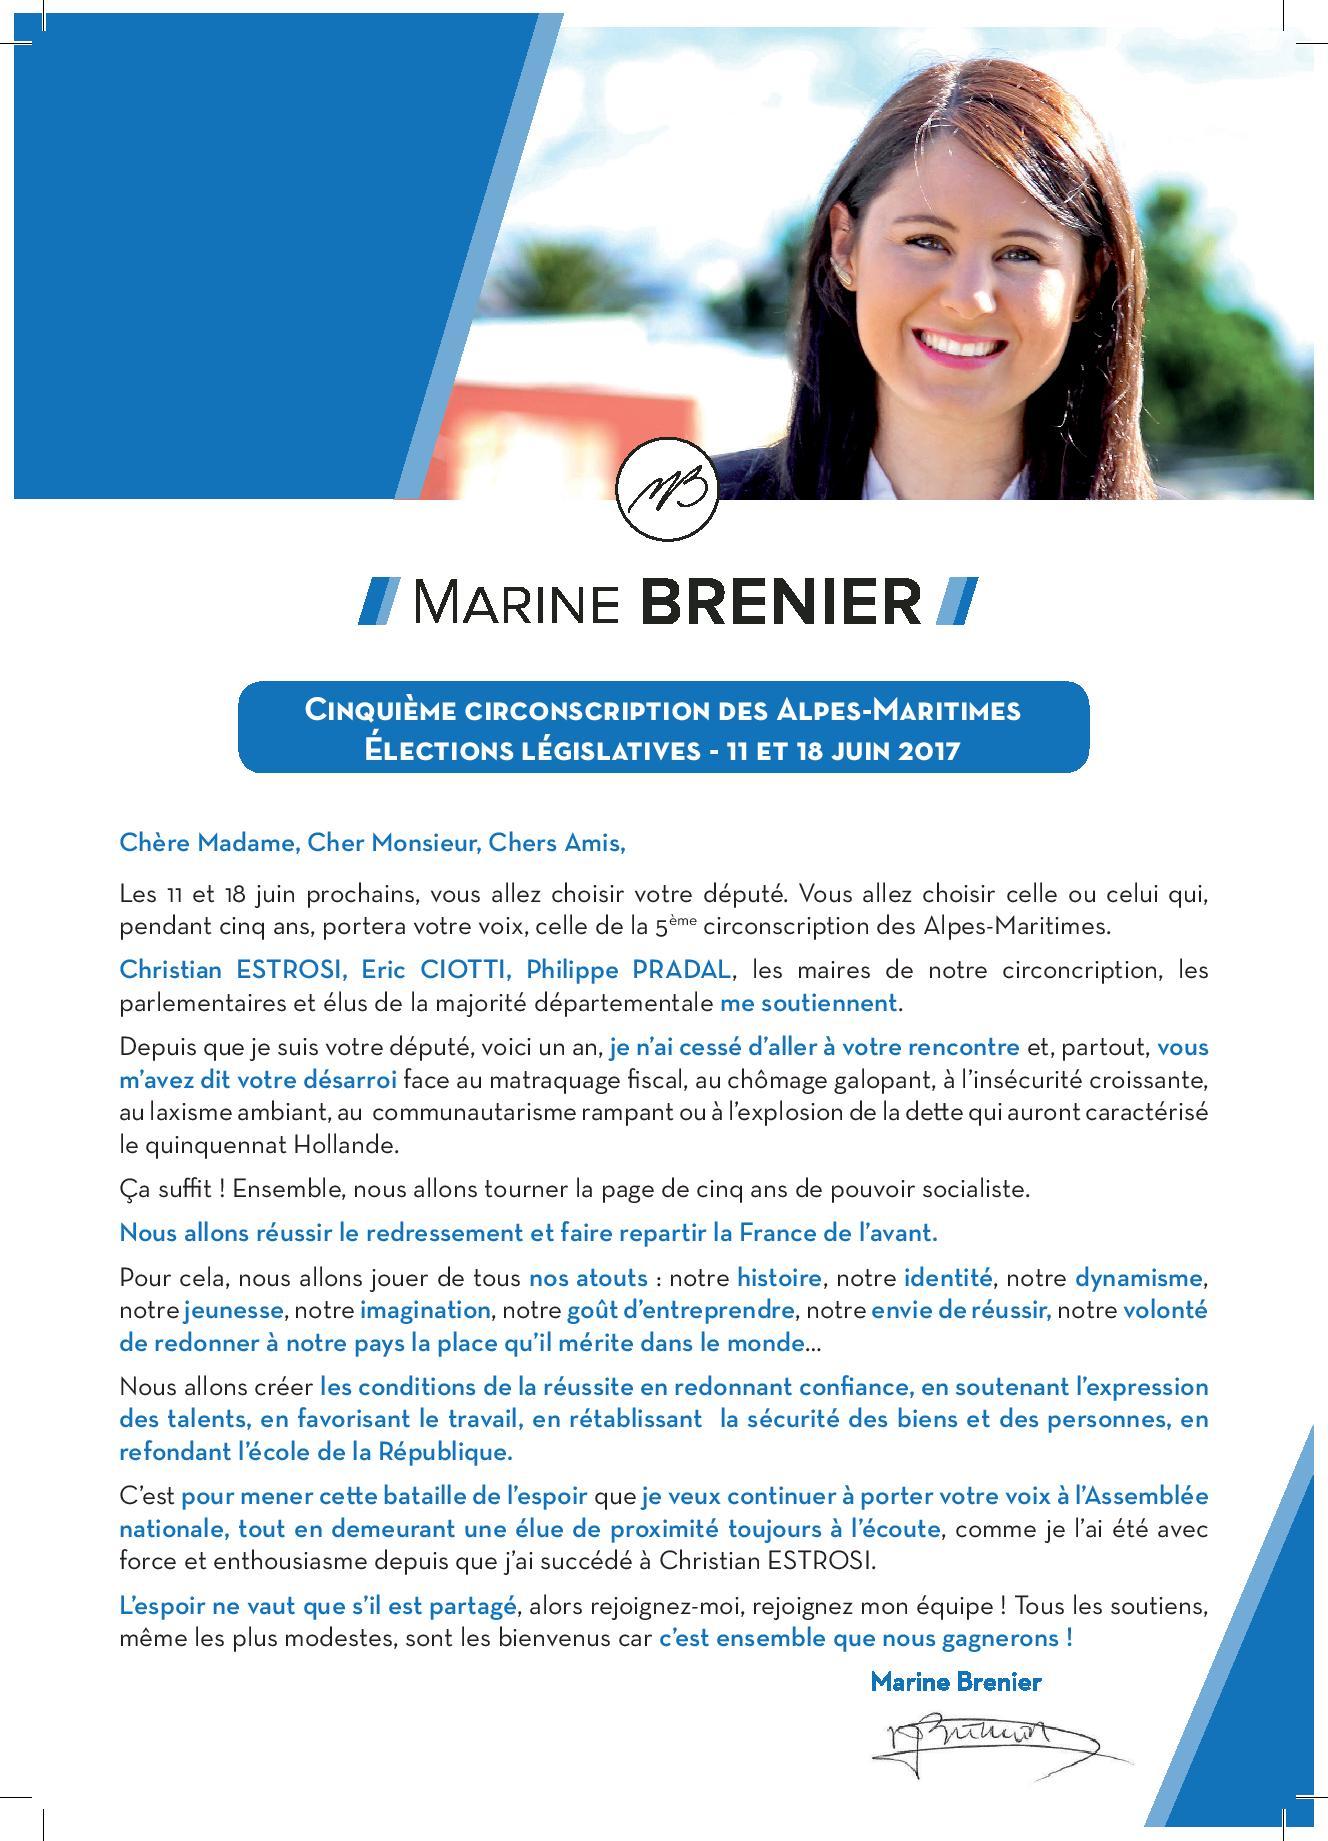 Je soutiens Marine Brenier page 1